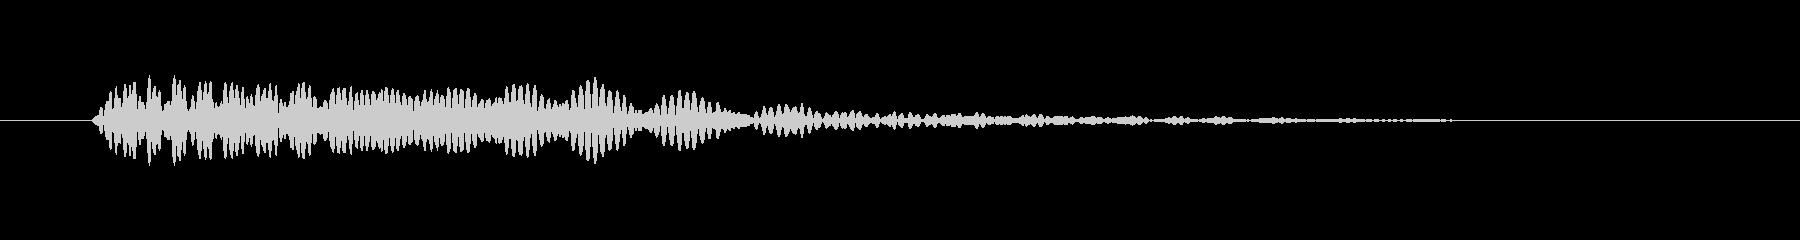 「フーン」ミス ステータスダウン 落下音の未再生の波形